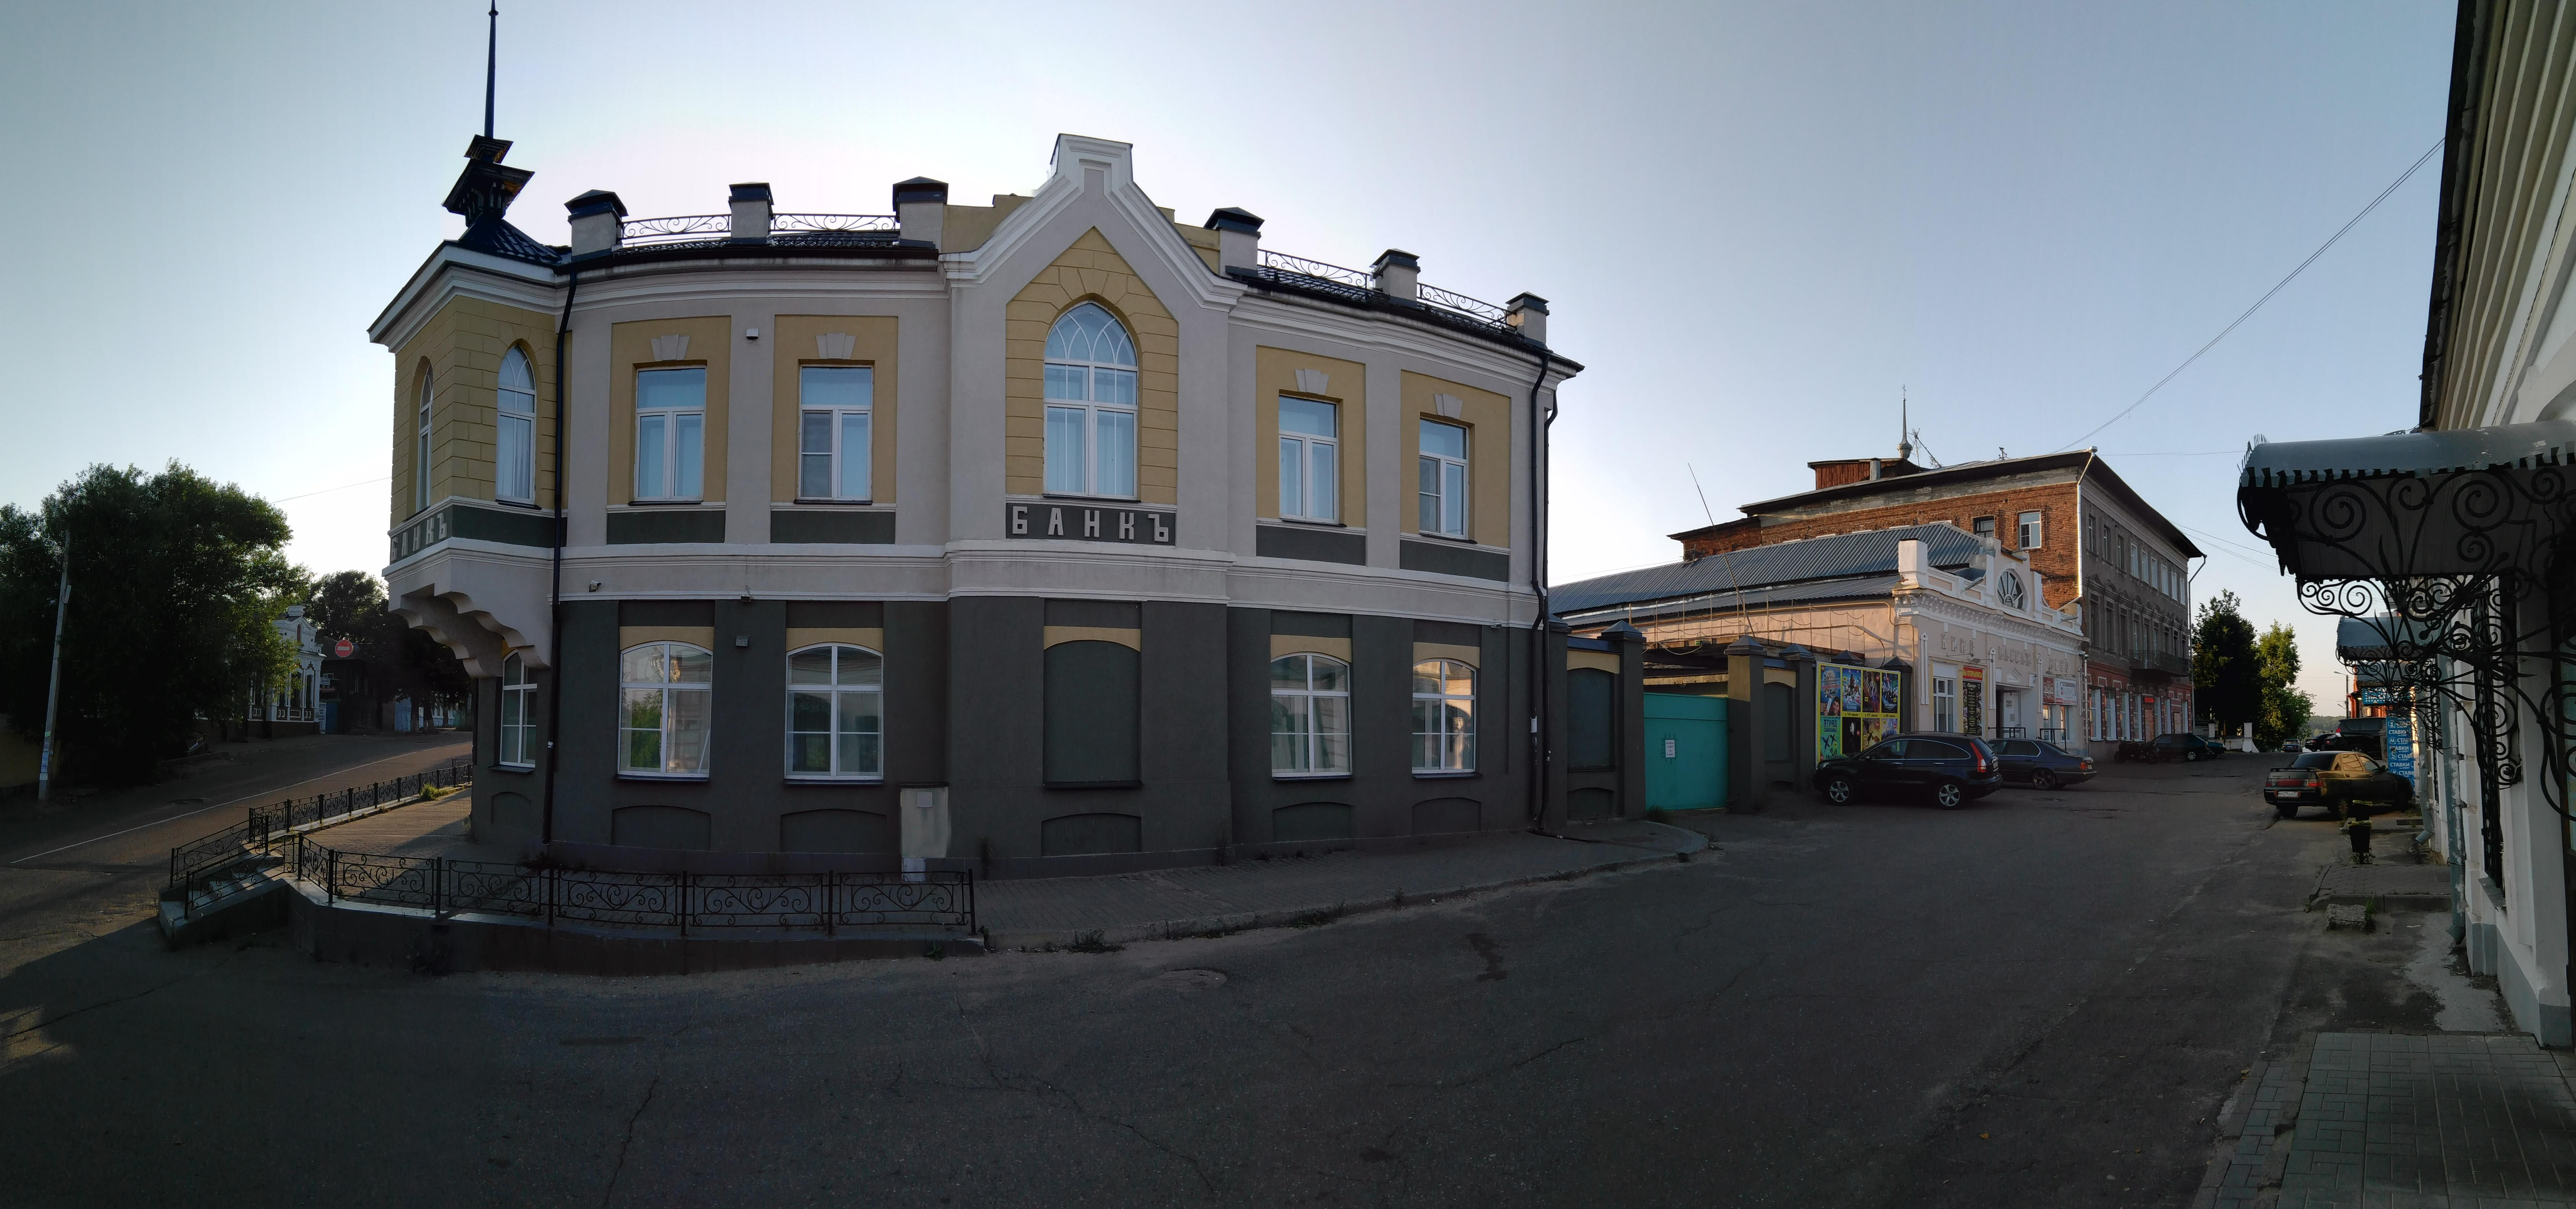 На центральные улицы Кинешмы выползли змеи | Новости г. Кинешма и ... | 3904x8320